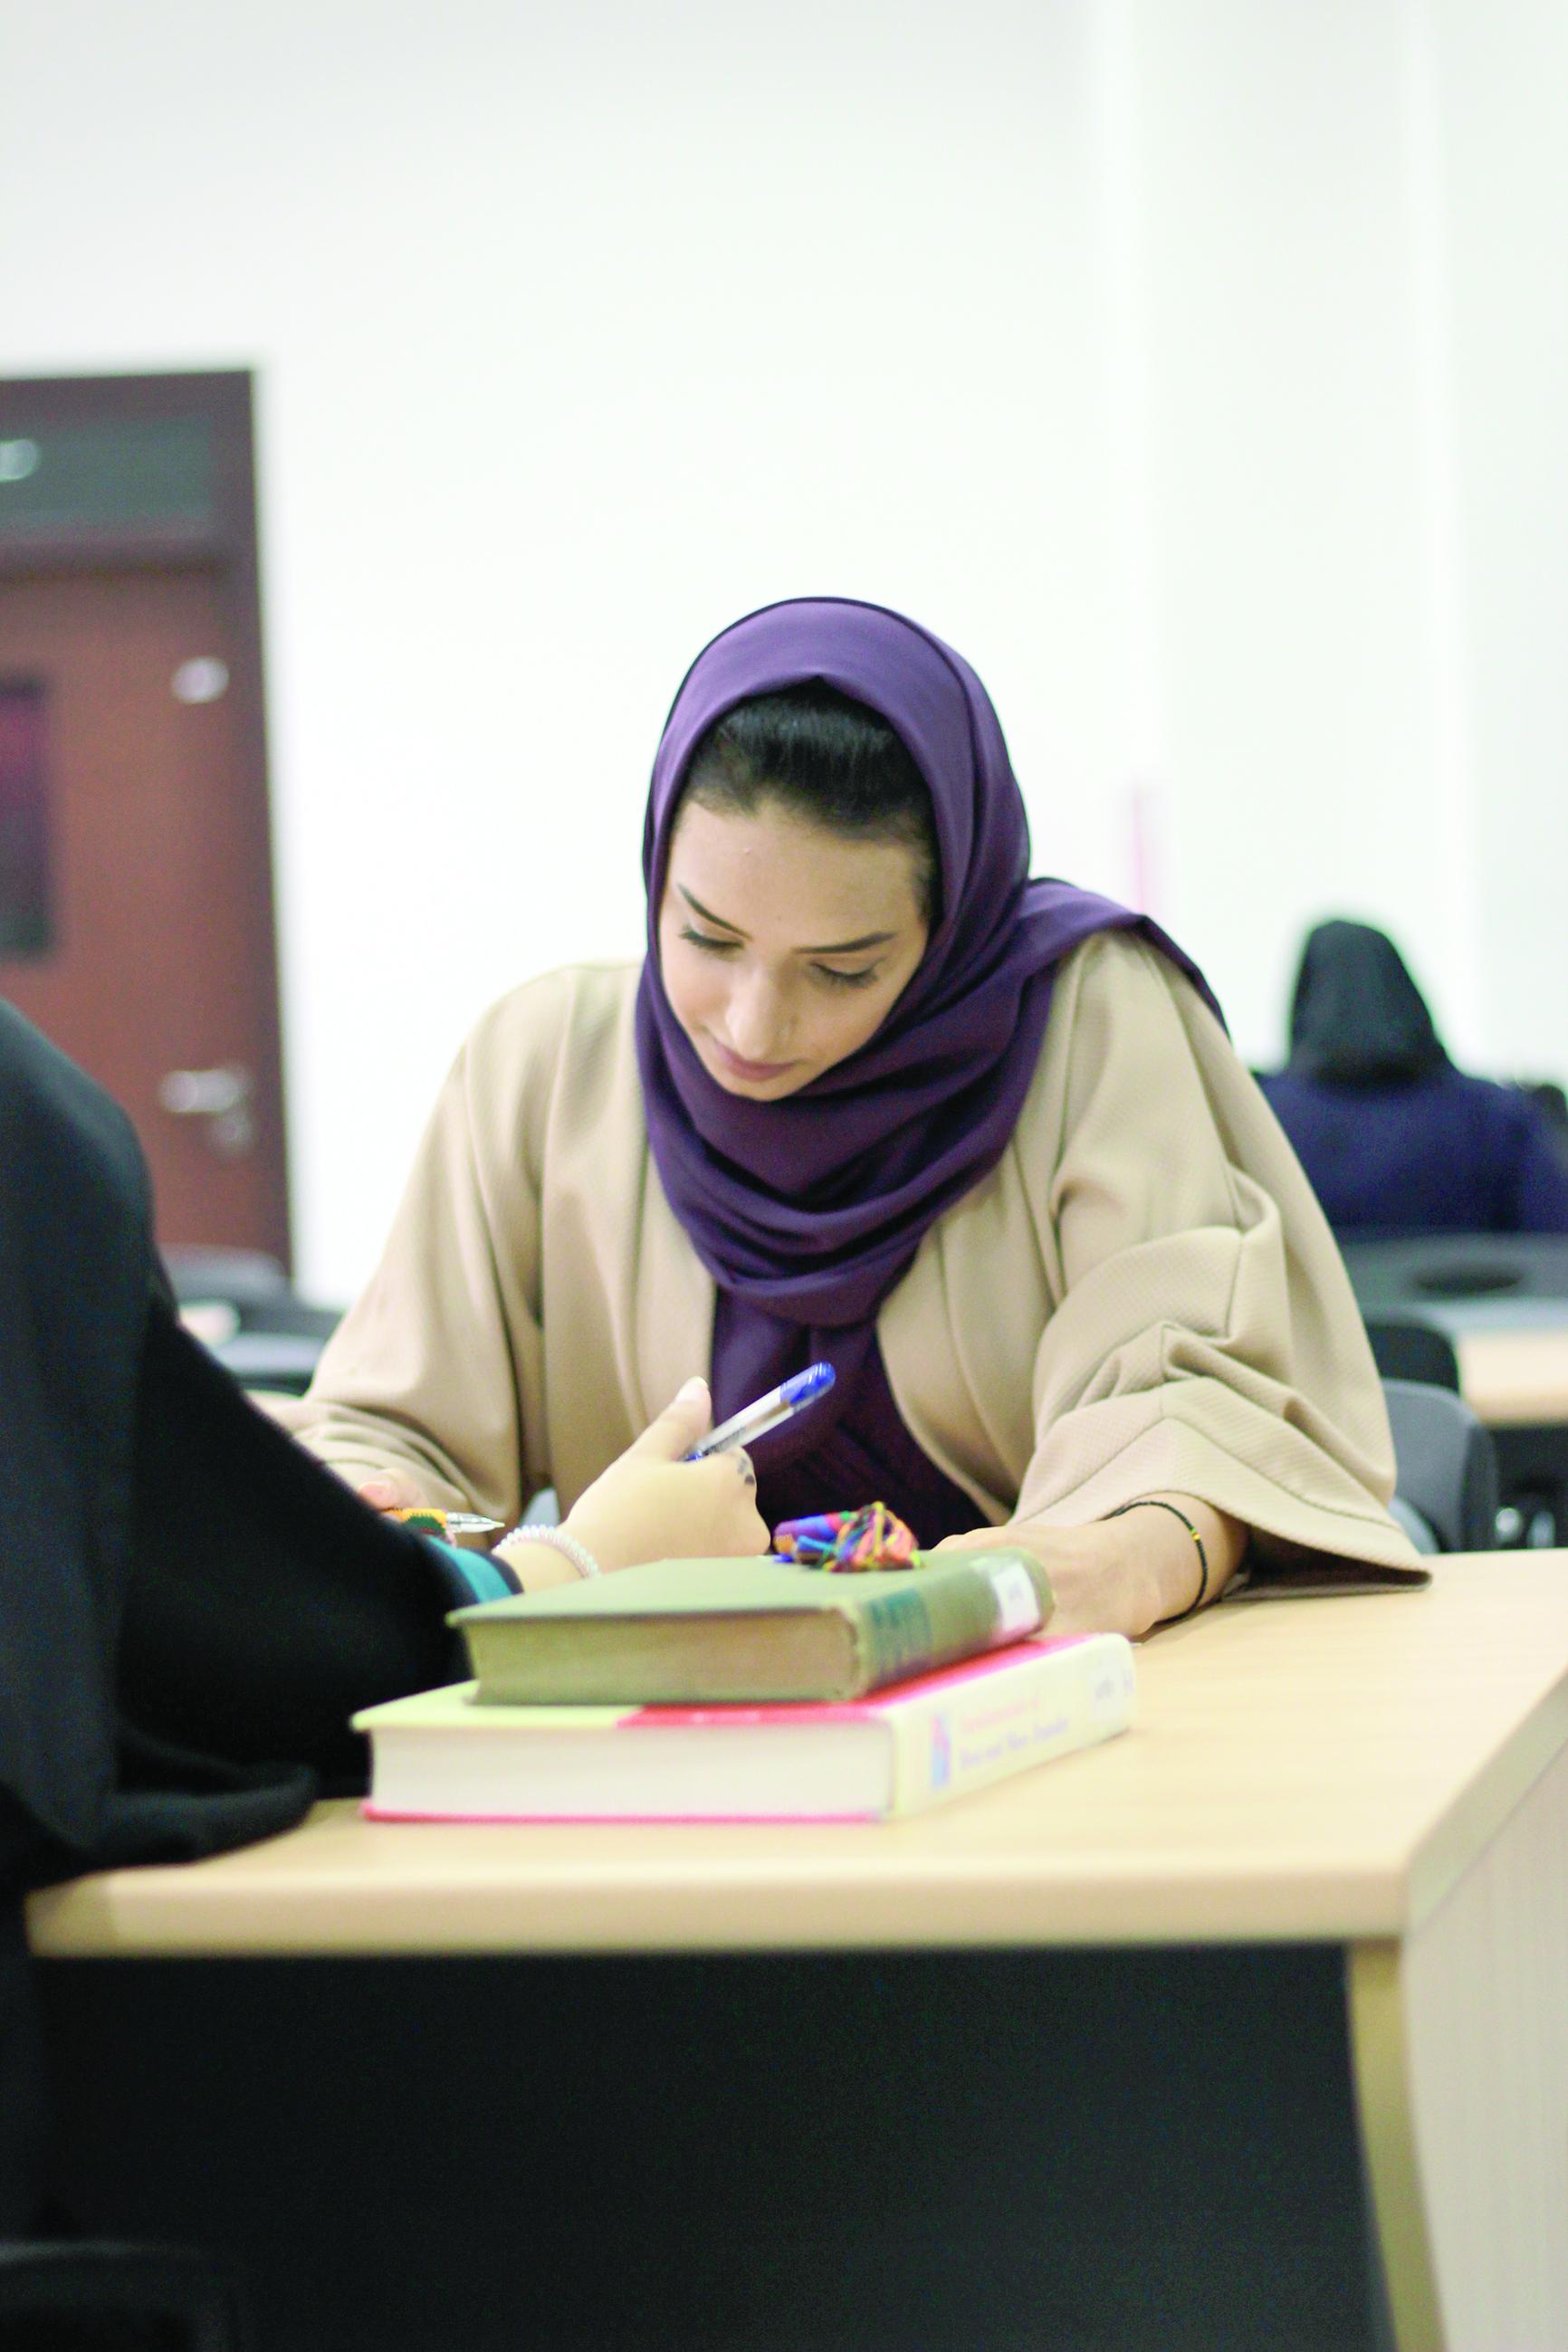 انطلاق العام الأكاديمي بجامعة صحار